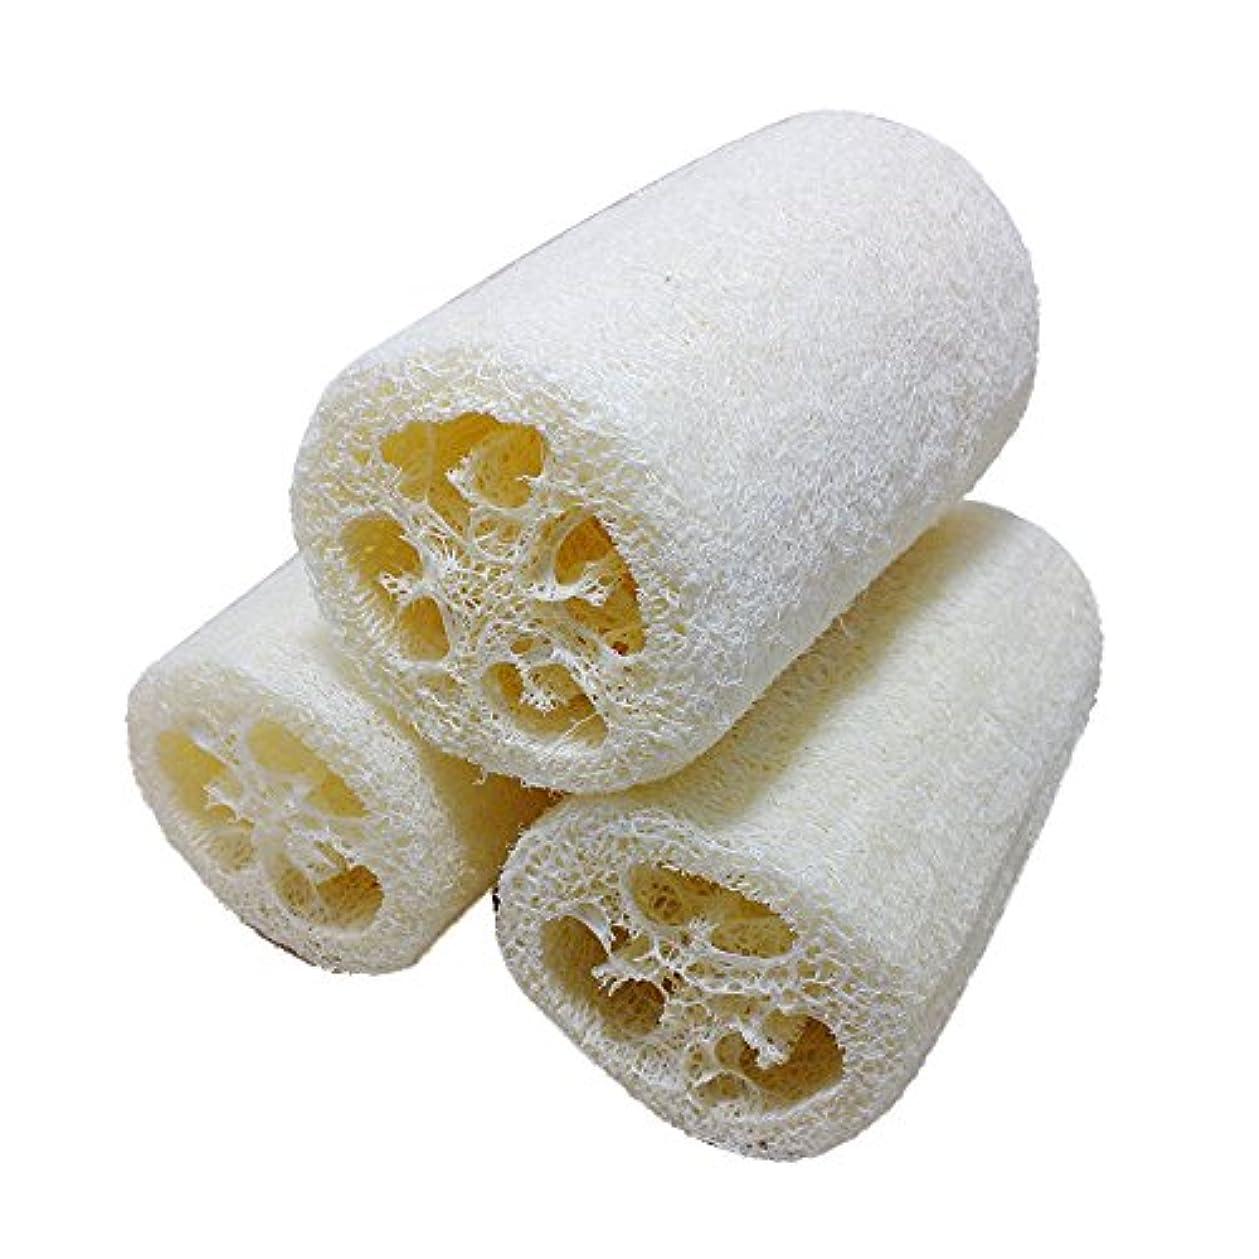 アトムペイント施設天然ヘチマ ボディスポンジ シャワースポンジ ボディブラシ シャワーブラシ 入浴 風呂スポンジ 角質海綿 全身美容 新陳代謝を促進 角質除去 マッサージ SPA ルーファ ボディウォッシュボール (3pc)